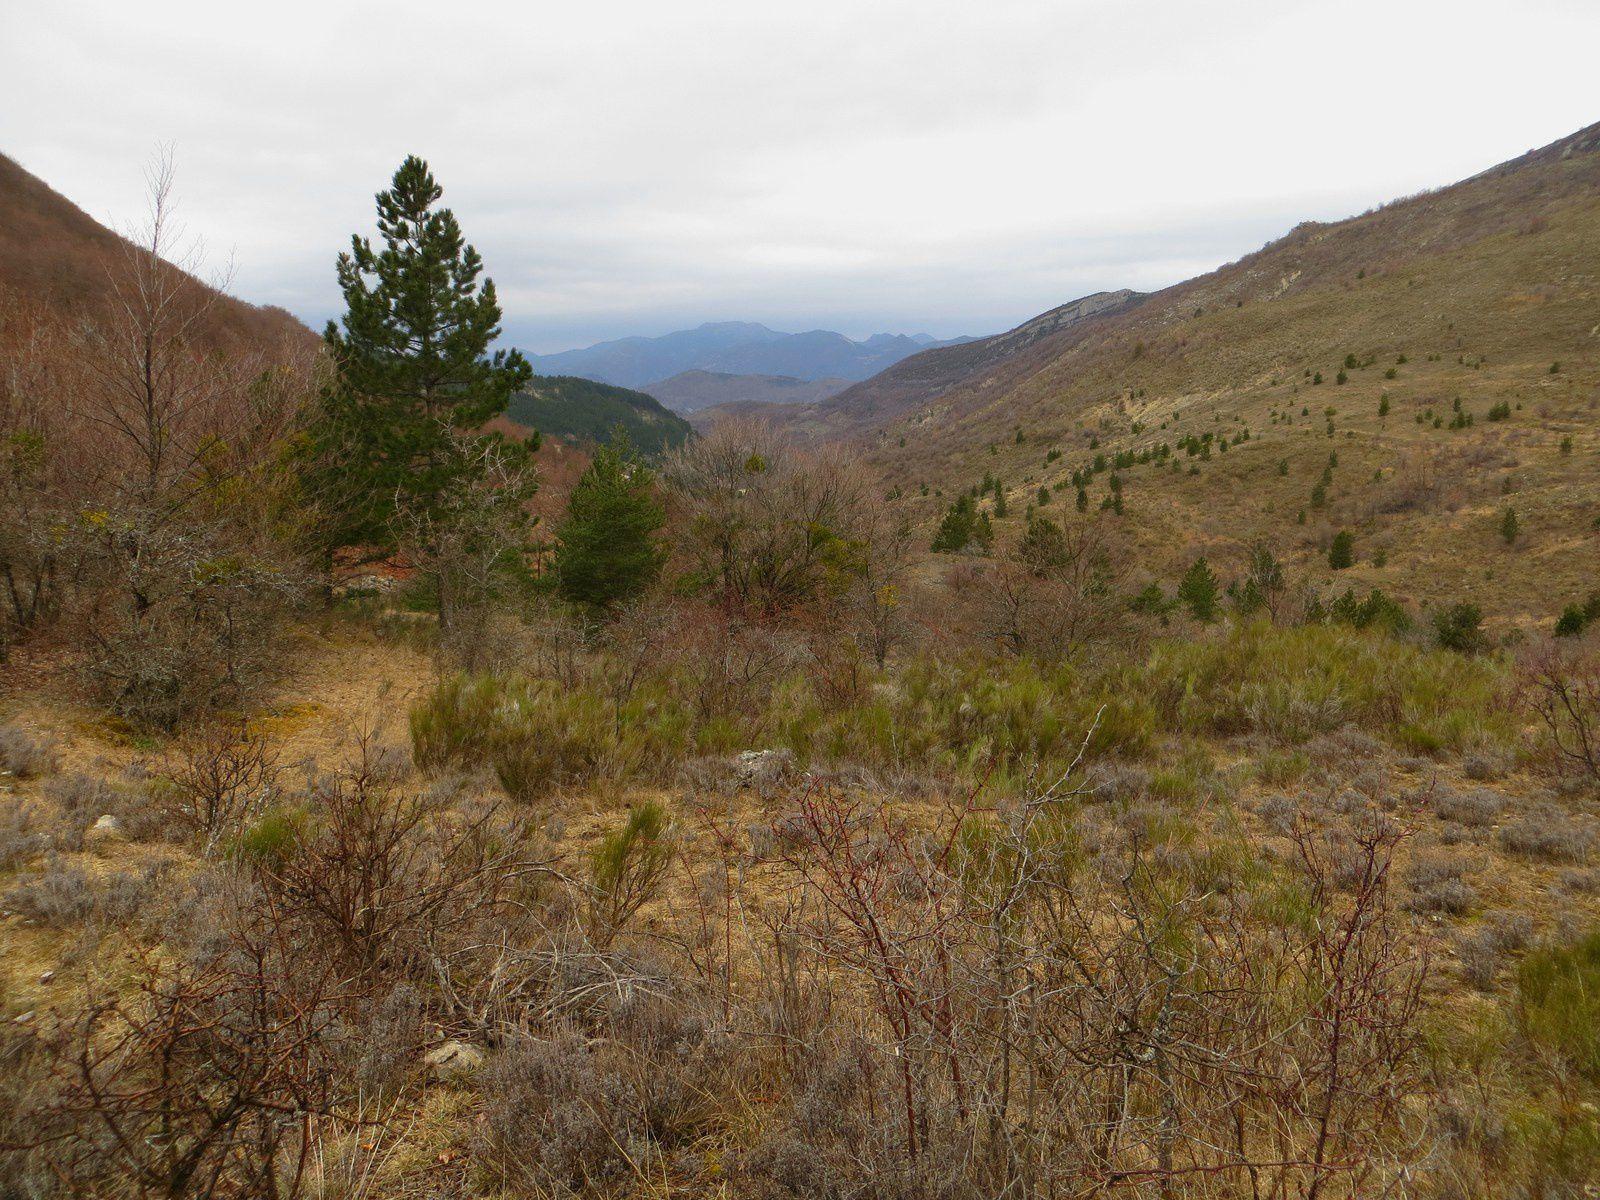 Lundi 27 : au départ de Mévouillon, ascension pour atteindre le col de BUC , avec  un panorama encore exceptionnel  sur les sommets environnants